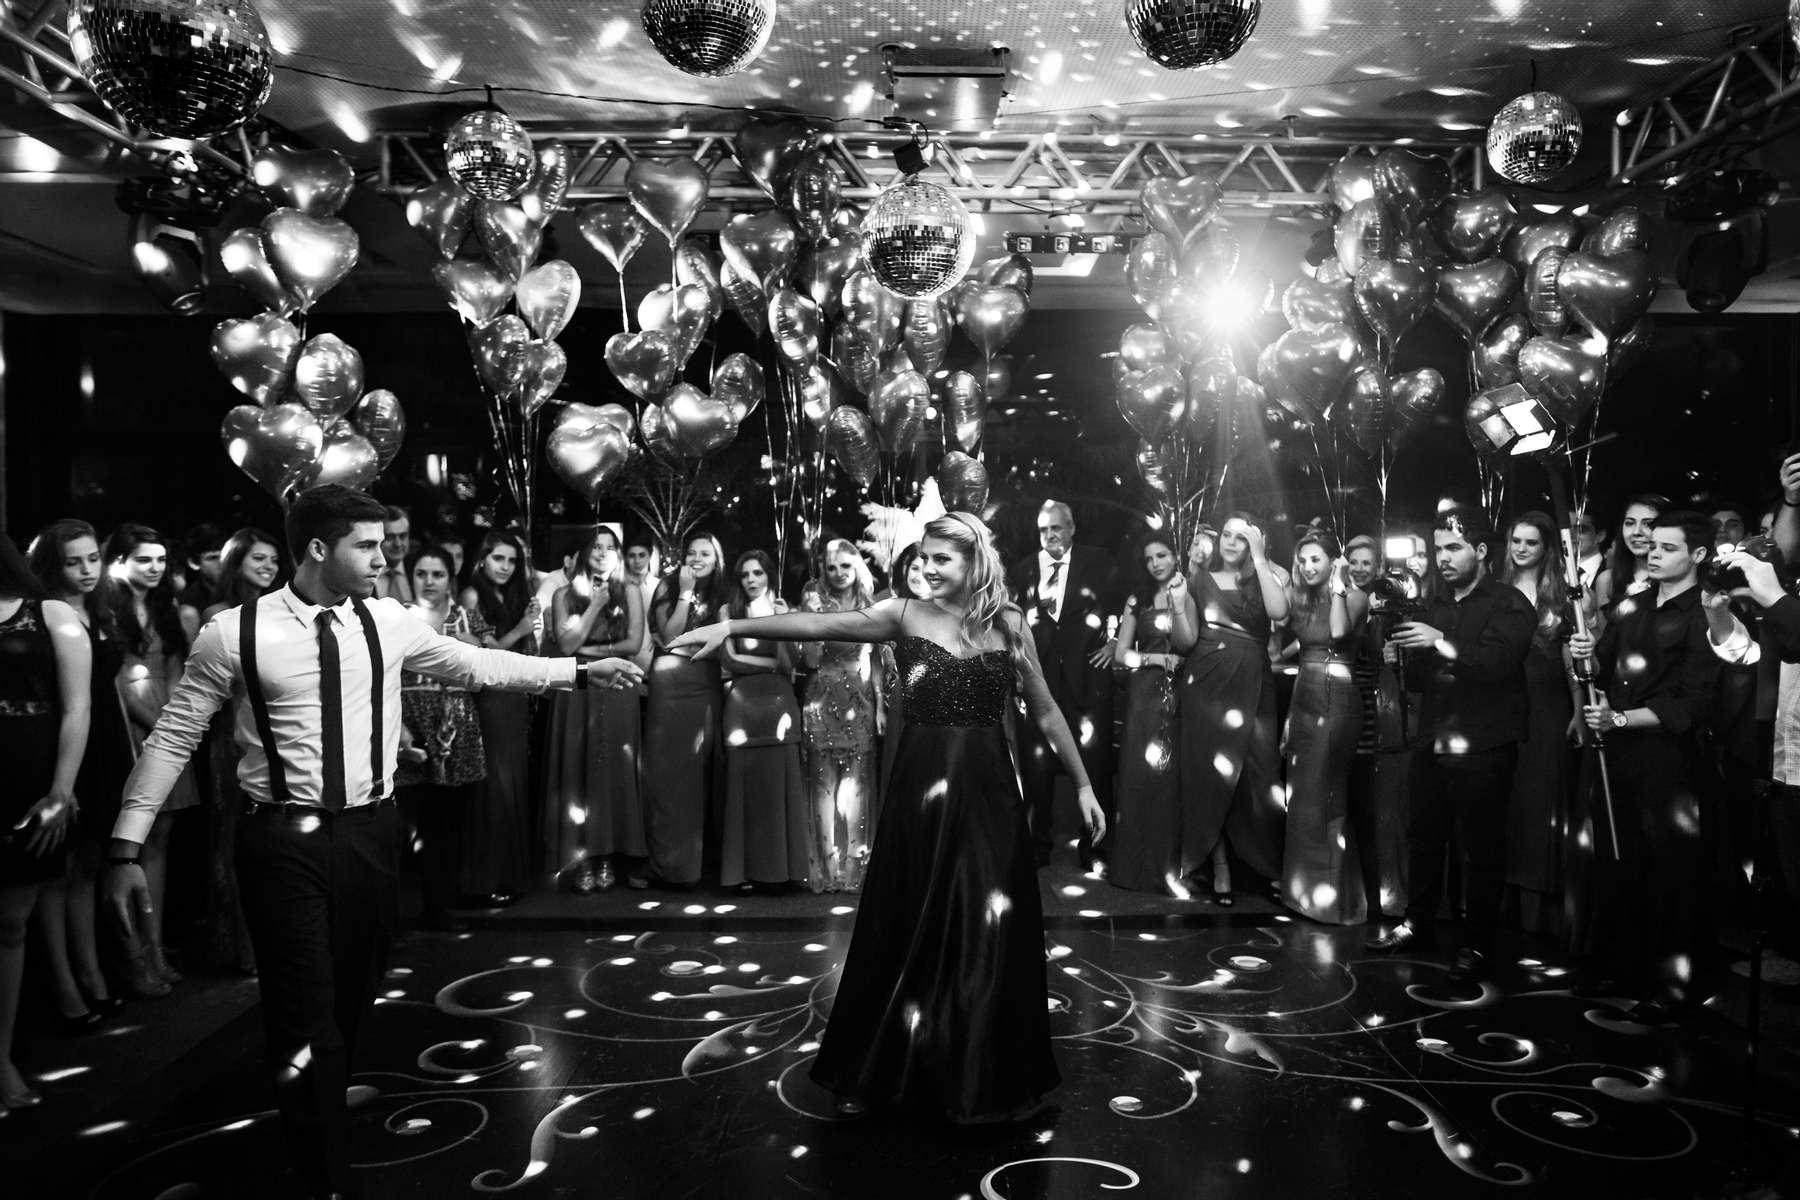 Stephanie Tonenberg baila un vals con su hermano mayor en su 15 cumpleaños, en Río de Janeiro, Brasil, 8 de noviembre de 2013.La fiesta de las Quinceañeras es la celebración del decimoquinto cumpleaños de un adolescente, que se celebra de una manera completamente diferente a cualquier otro cumpleaños y representa la transición de una niña a una mujer adulta. Grandes cantidades de dinero se gastan anualmente en Brasil en estas celebraciones.